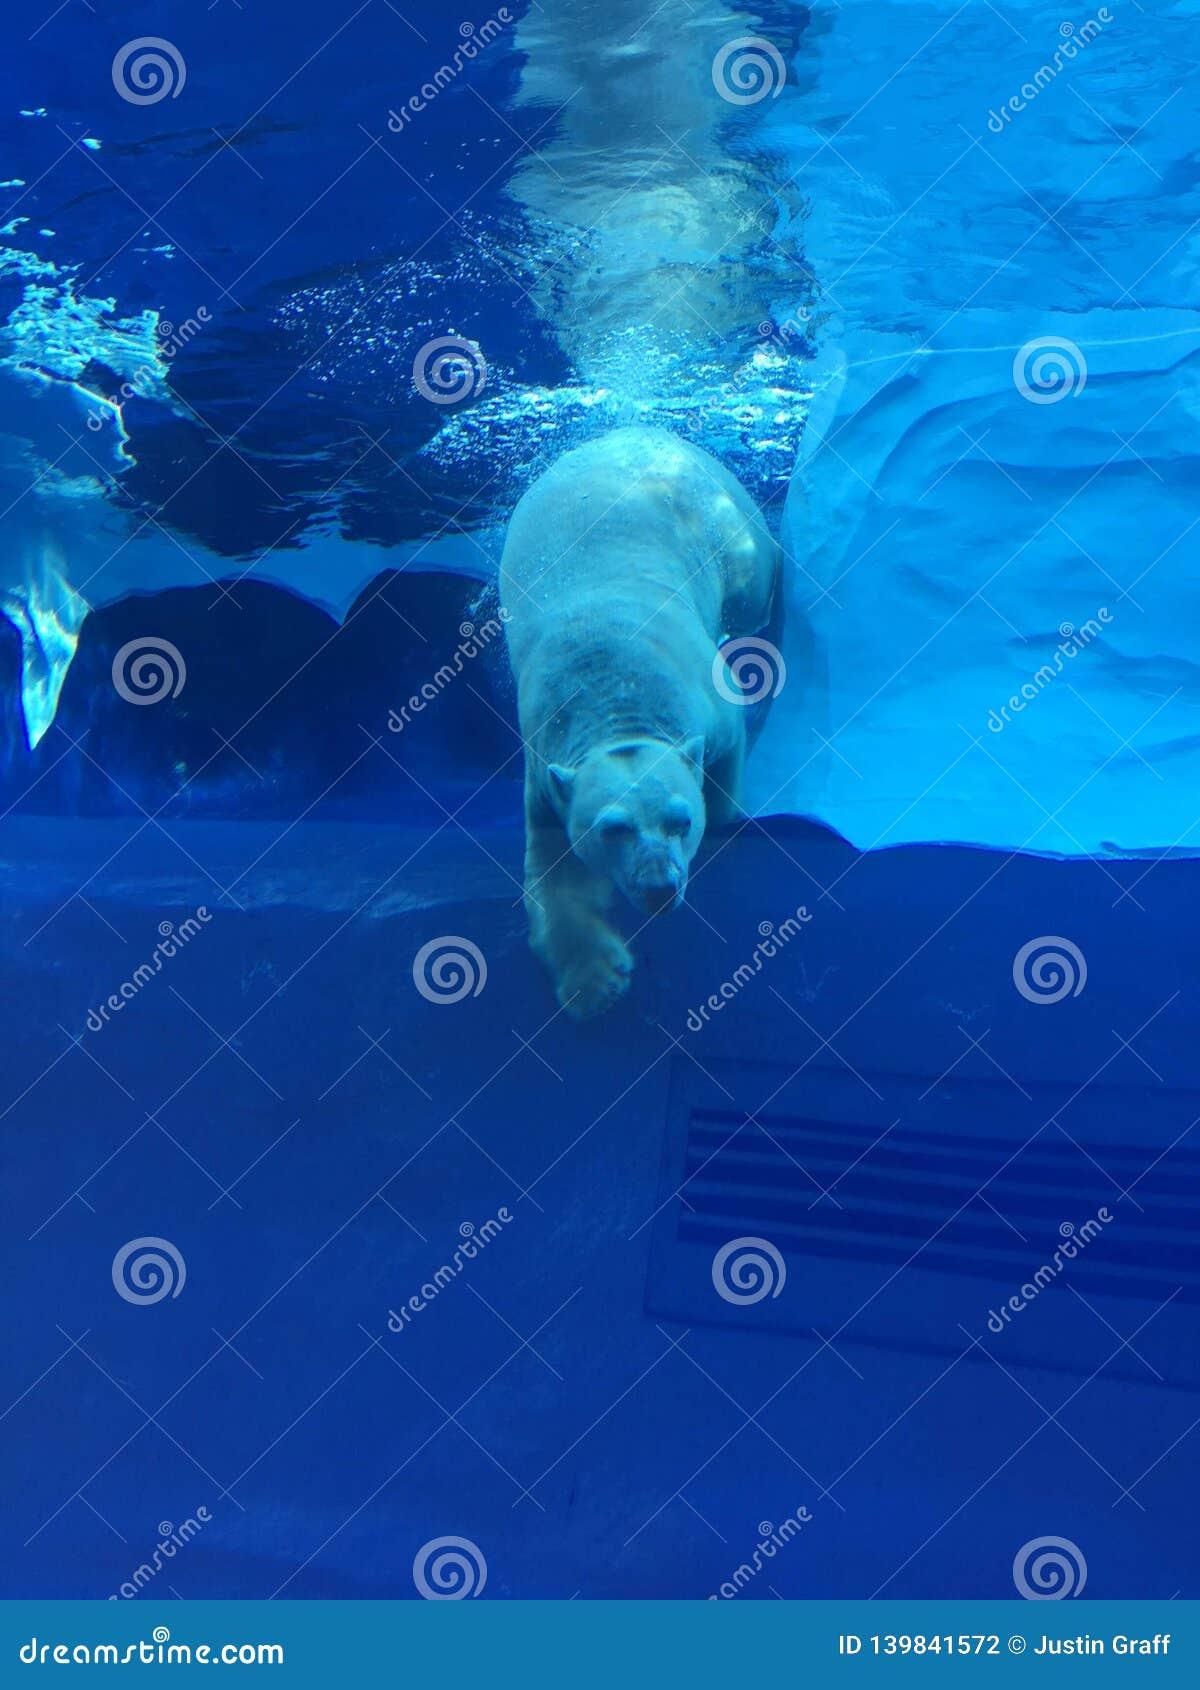 Eisbär, der in einem großen Pool wie dem Ozean mit Eisbergen schwimmt